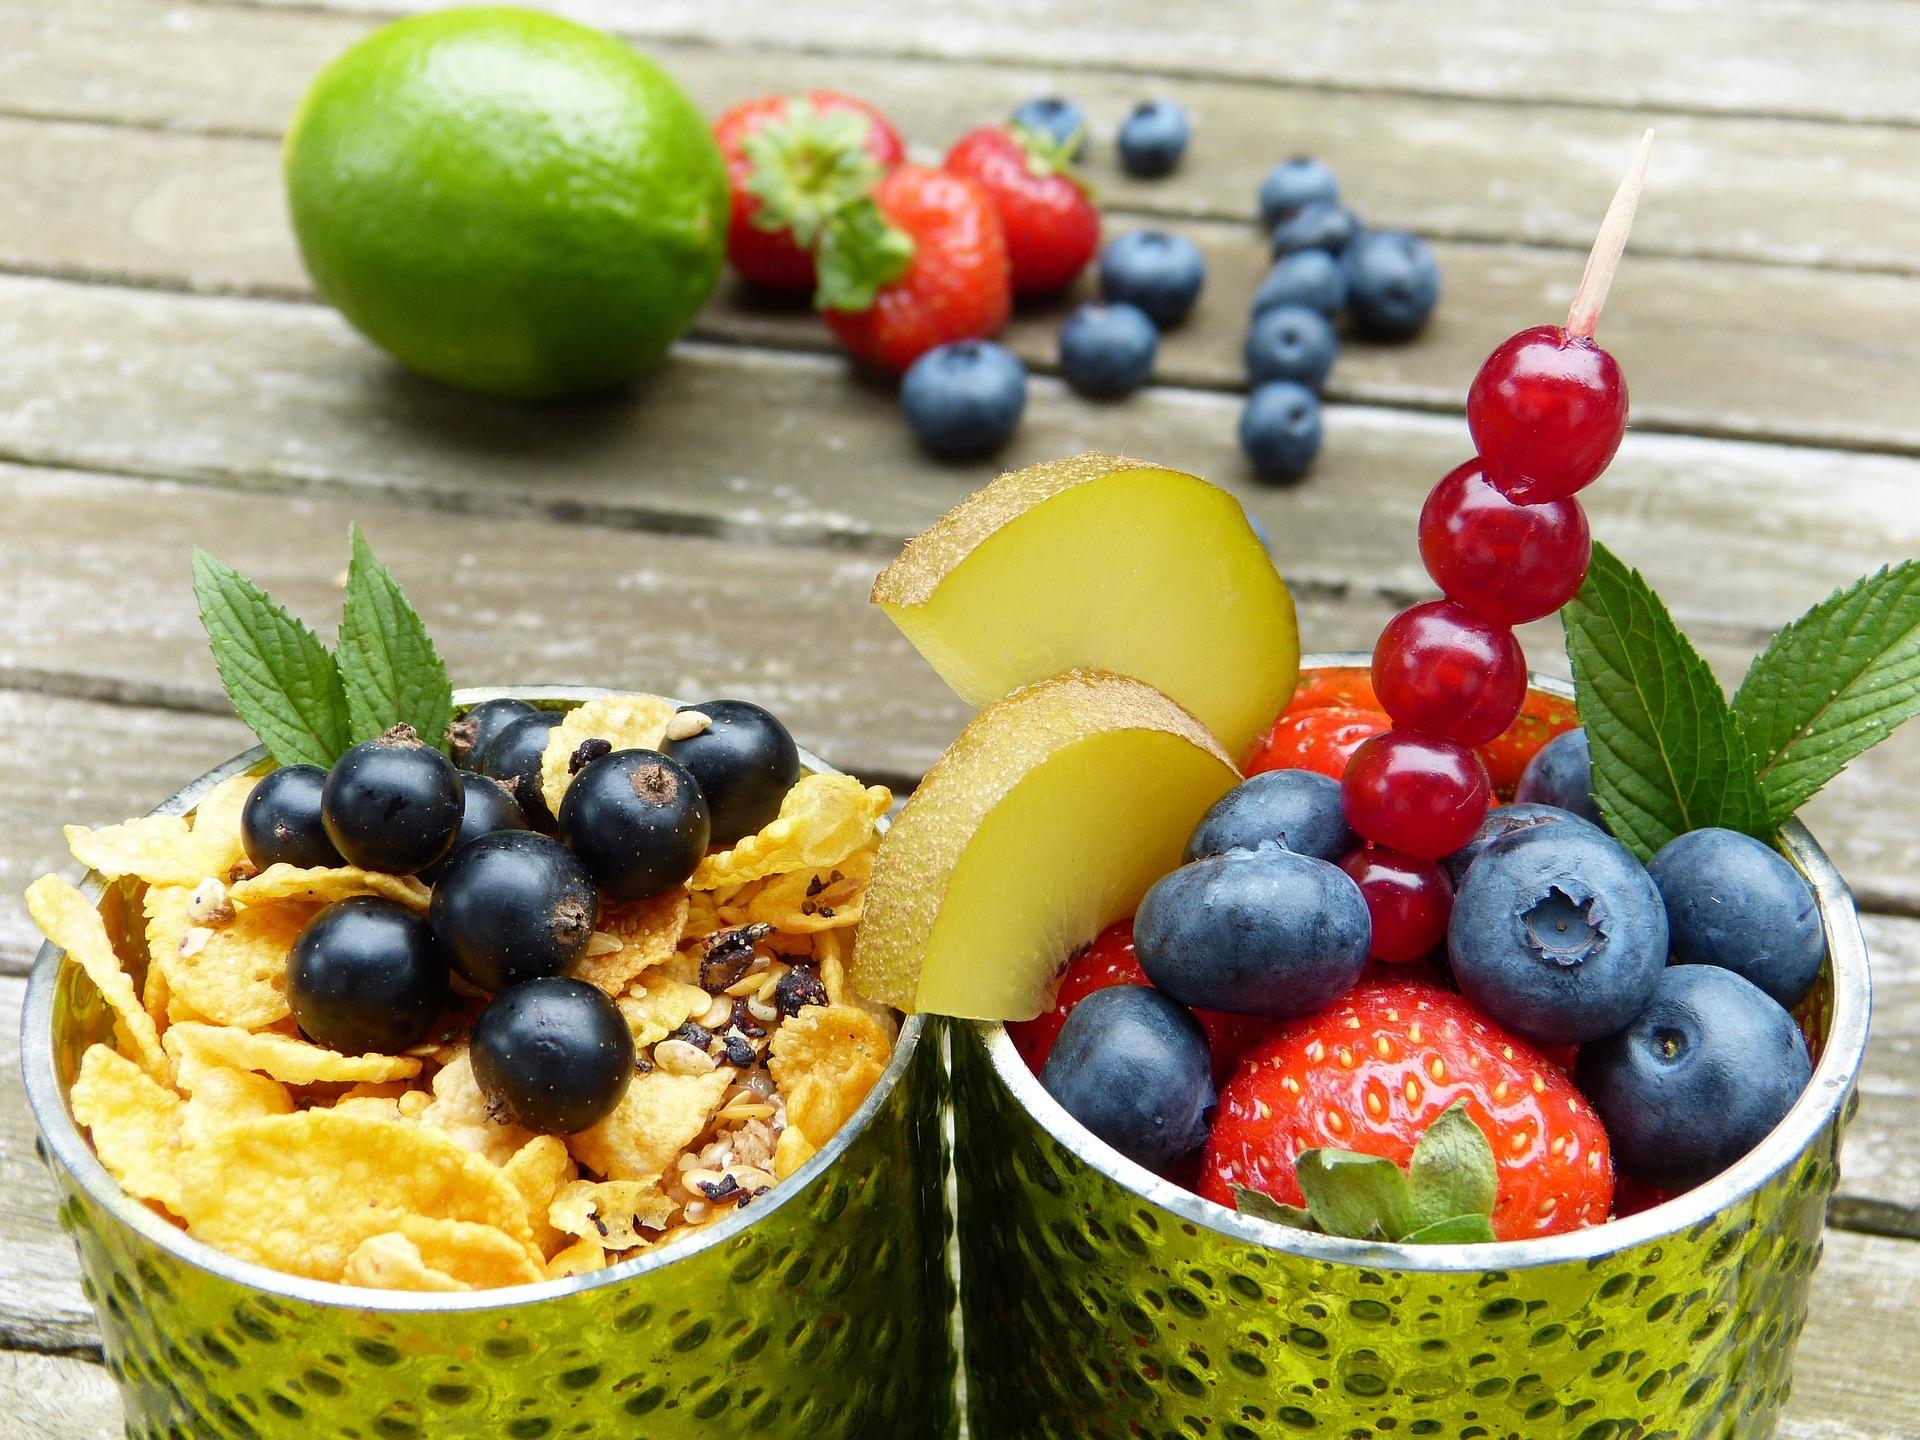 fruits-2546119_1920